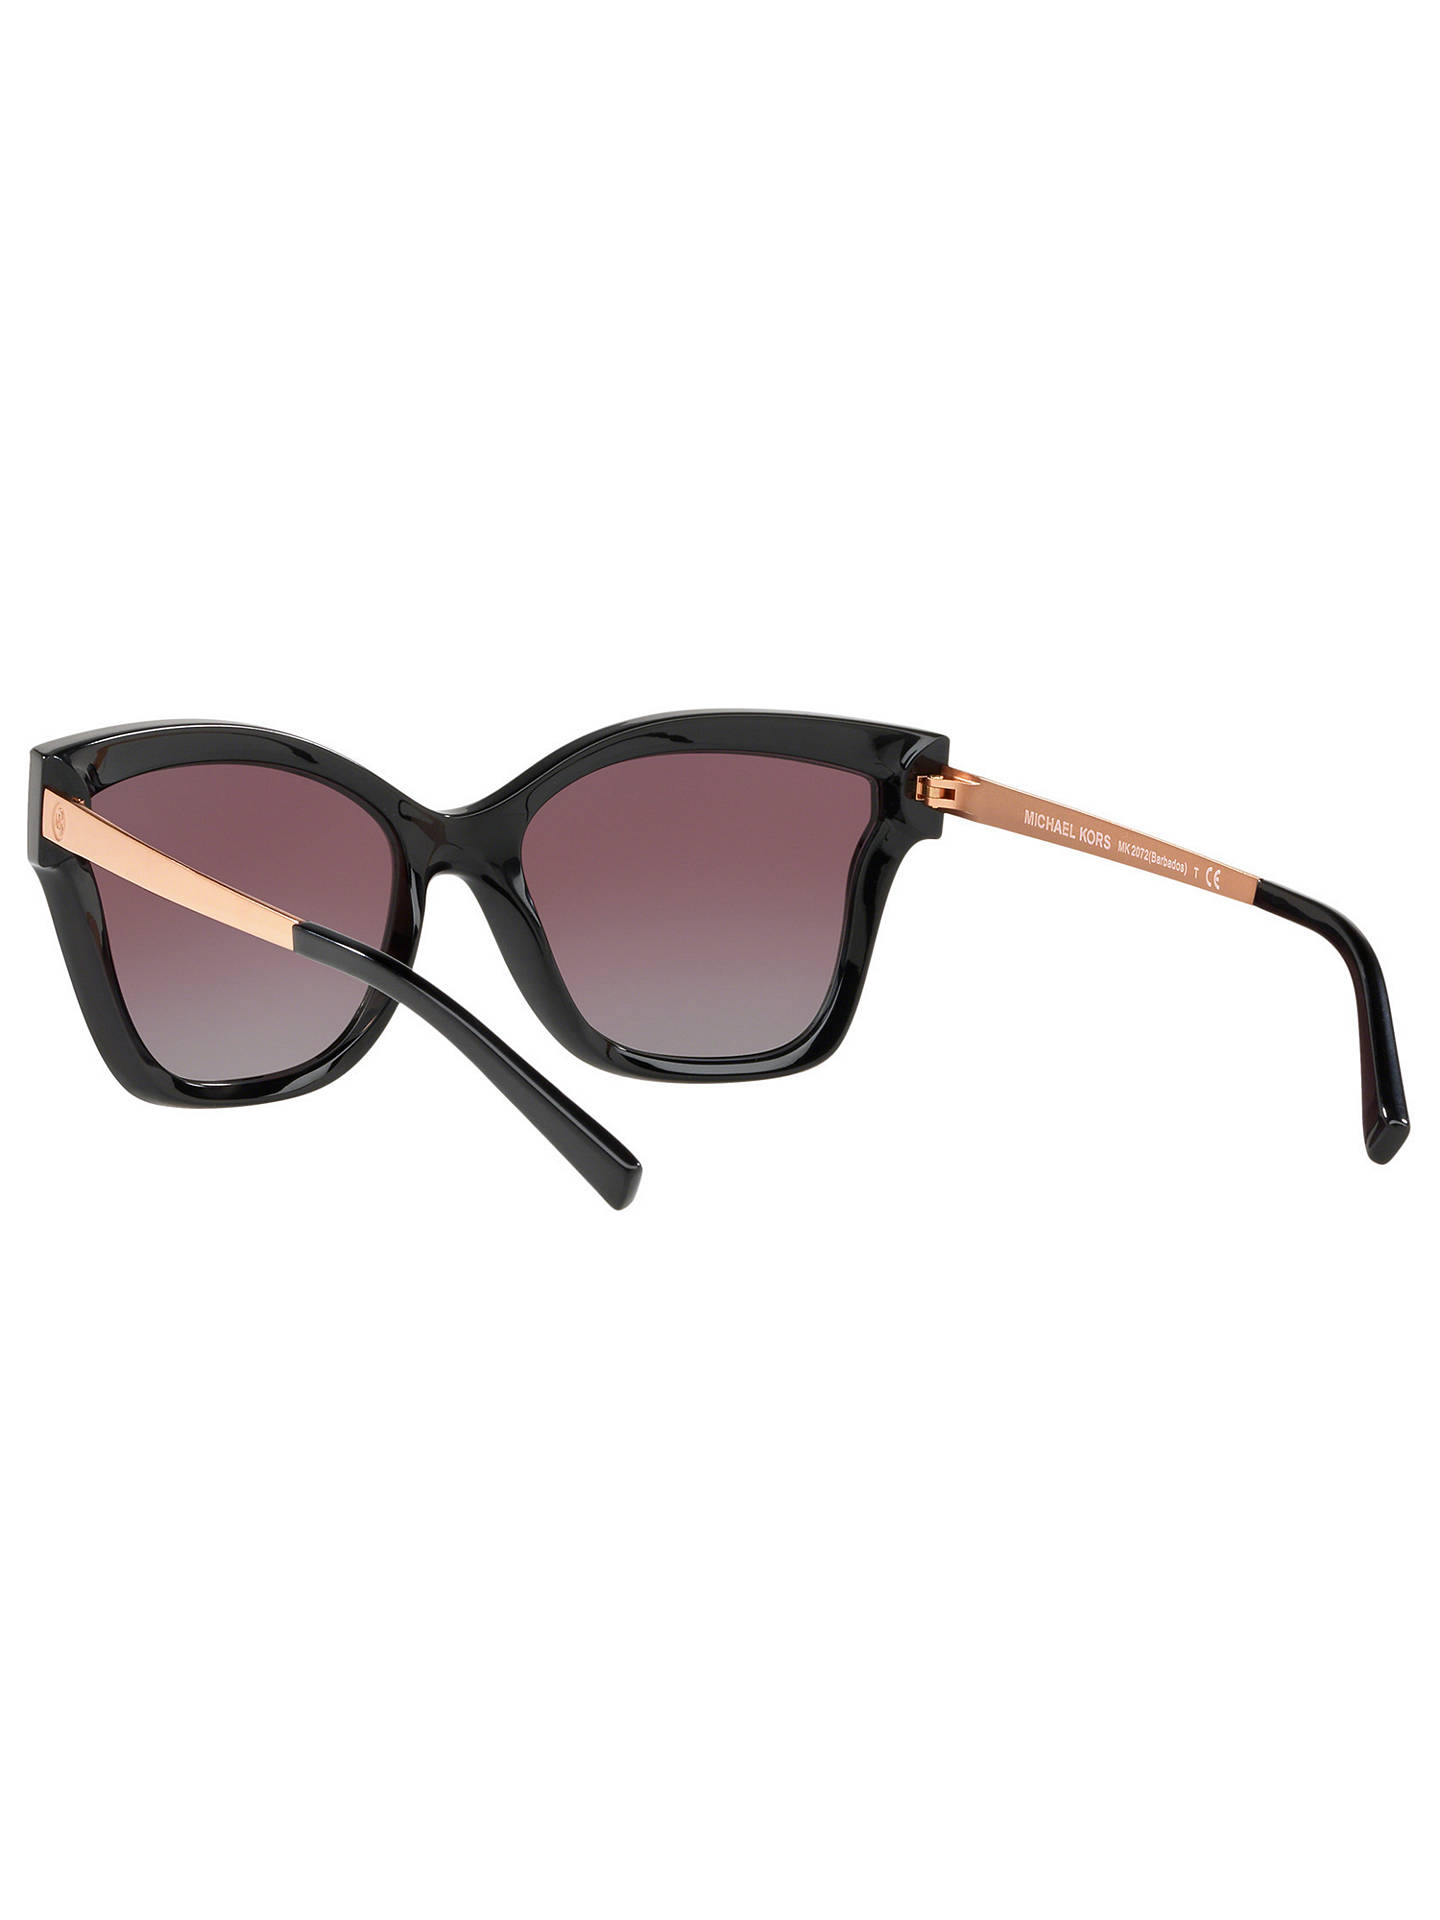 14f35c6b3b ... Buy Michael Kors MK2072 Women s Barbados Polarised Square Sunglasses